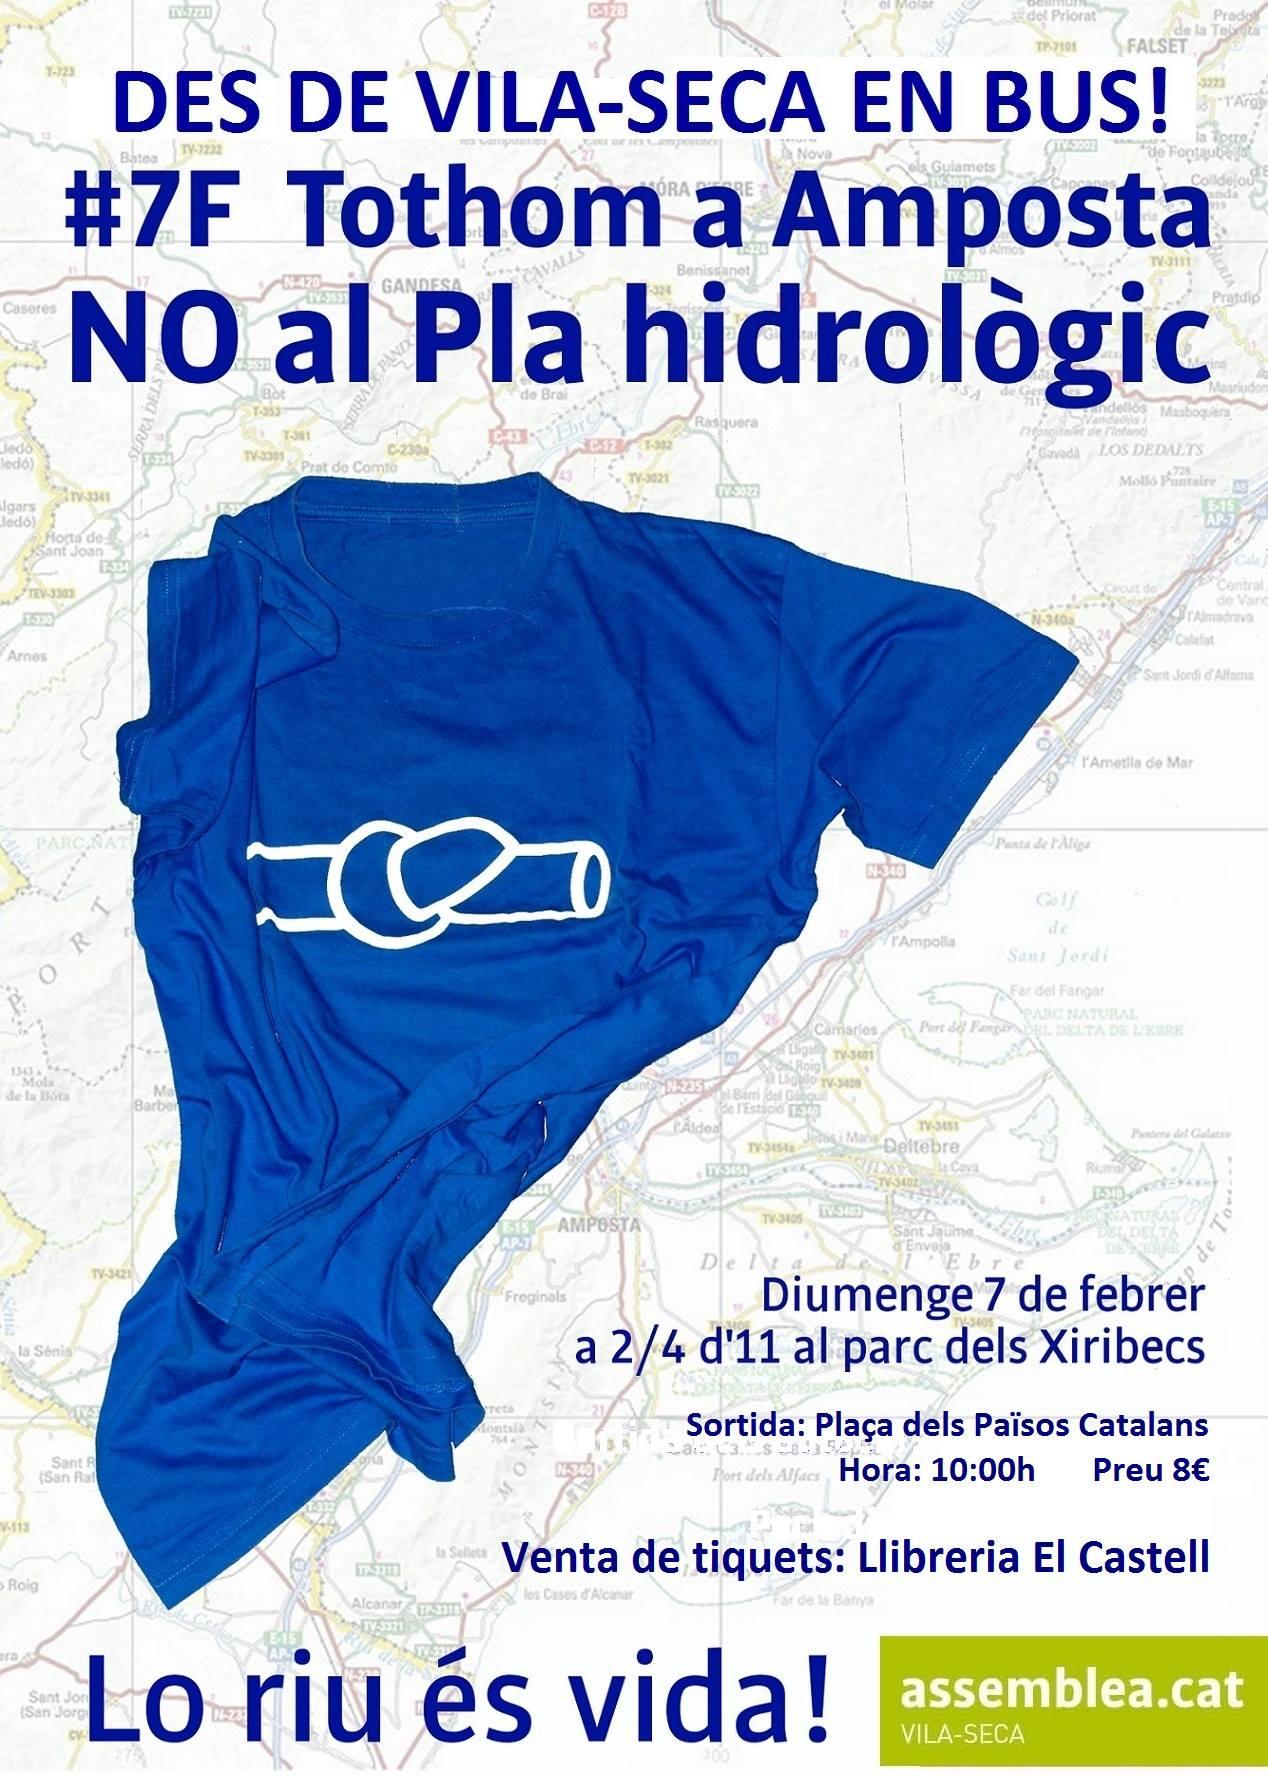 NO al Pla hidrològic